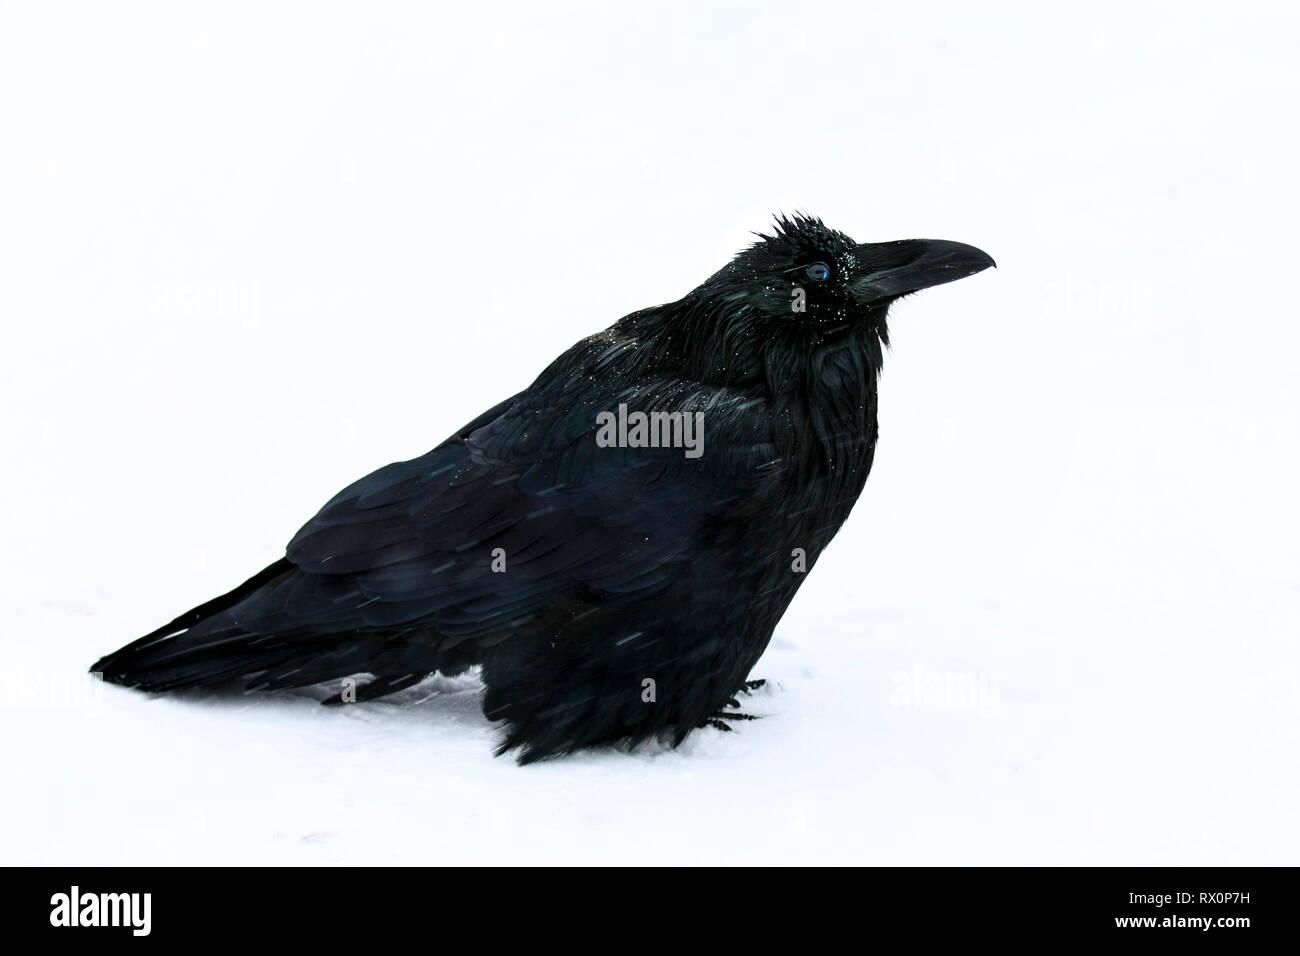 40,524.02021 - schöner großer schwarzer Vogel Rabe (Corvus Corax, Corvidae - 20' langen Schnabel Schwanzspitze), stehend im Schneesturm -22°F Jasper, Kanada Stockbild